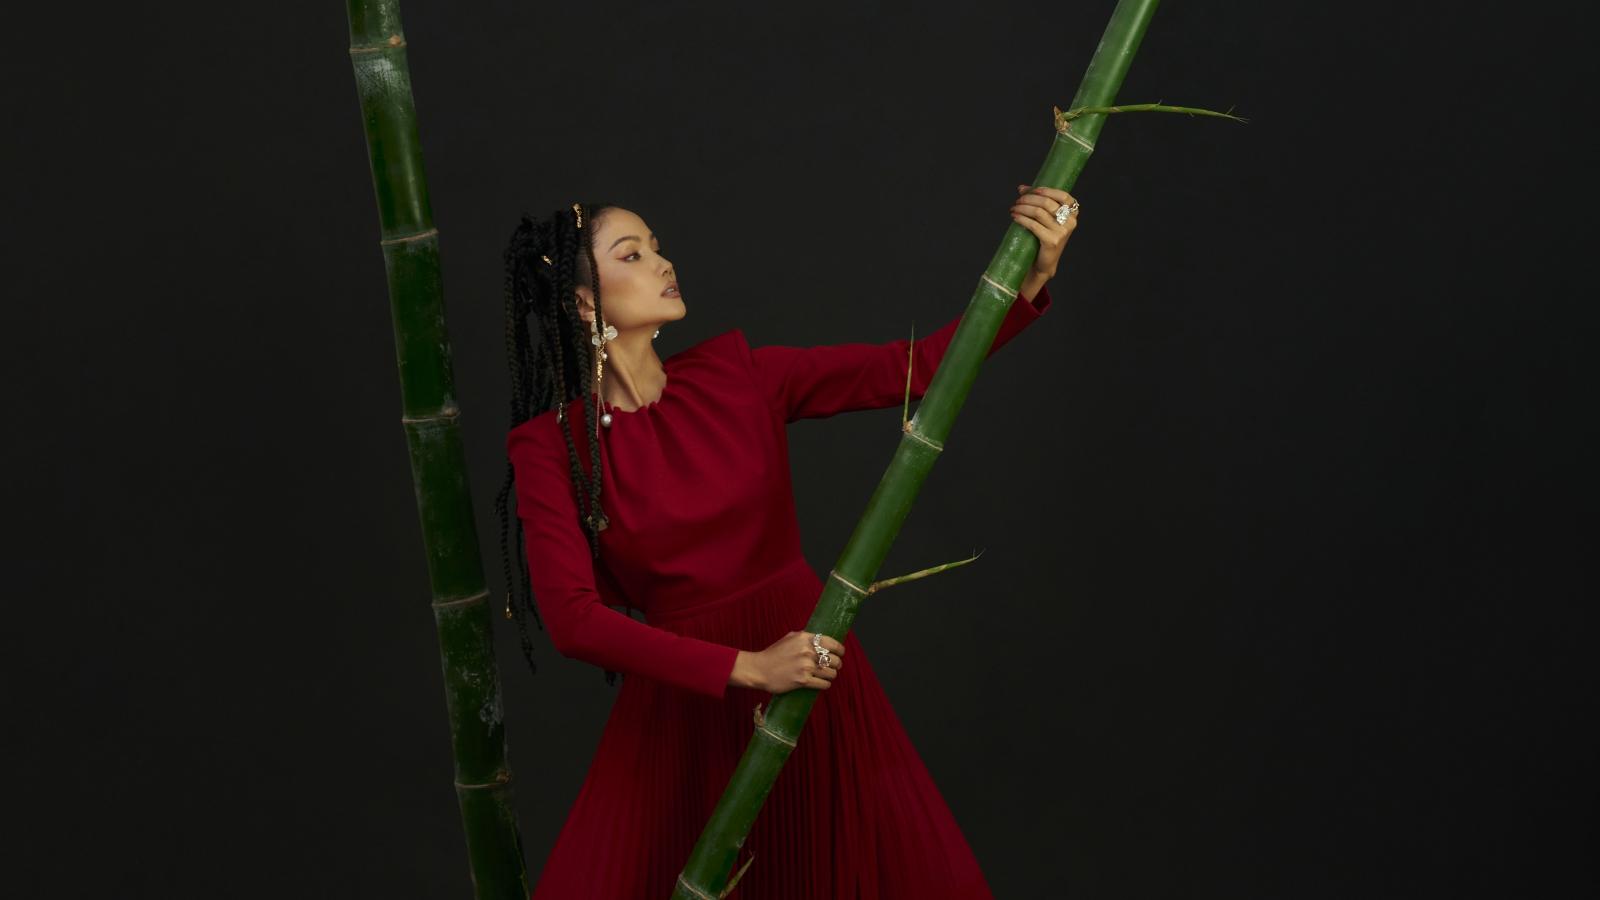 Hoa hậu H'Hen Niê gửi gắm những thông điệp về phụ nữ trong bộ ảnh mới